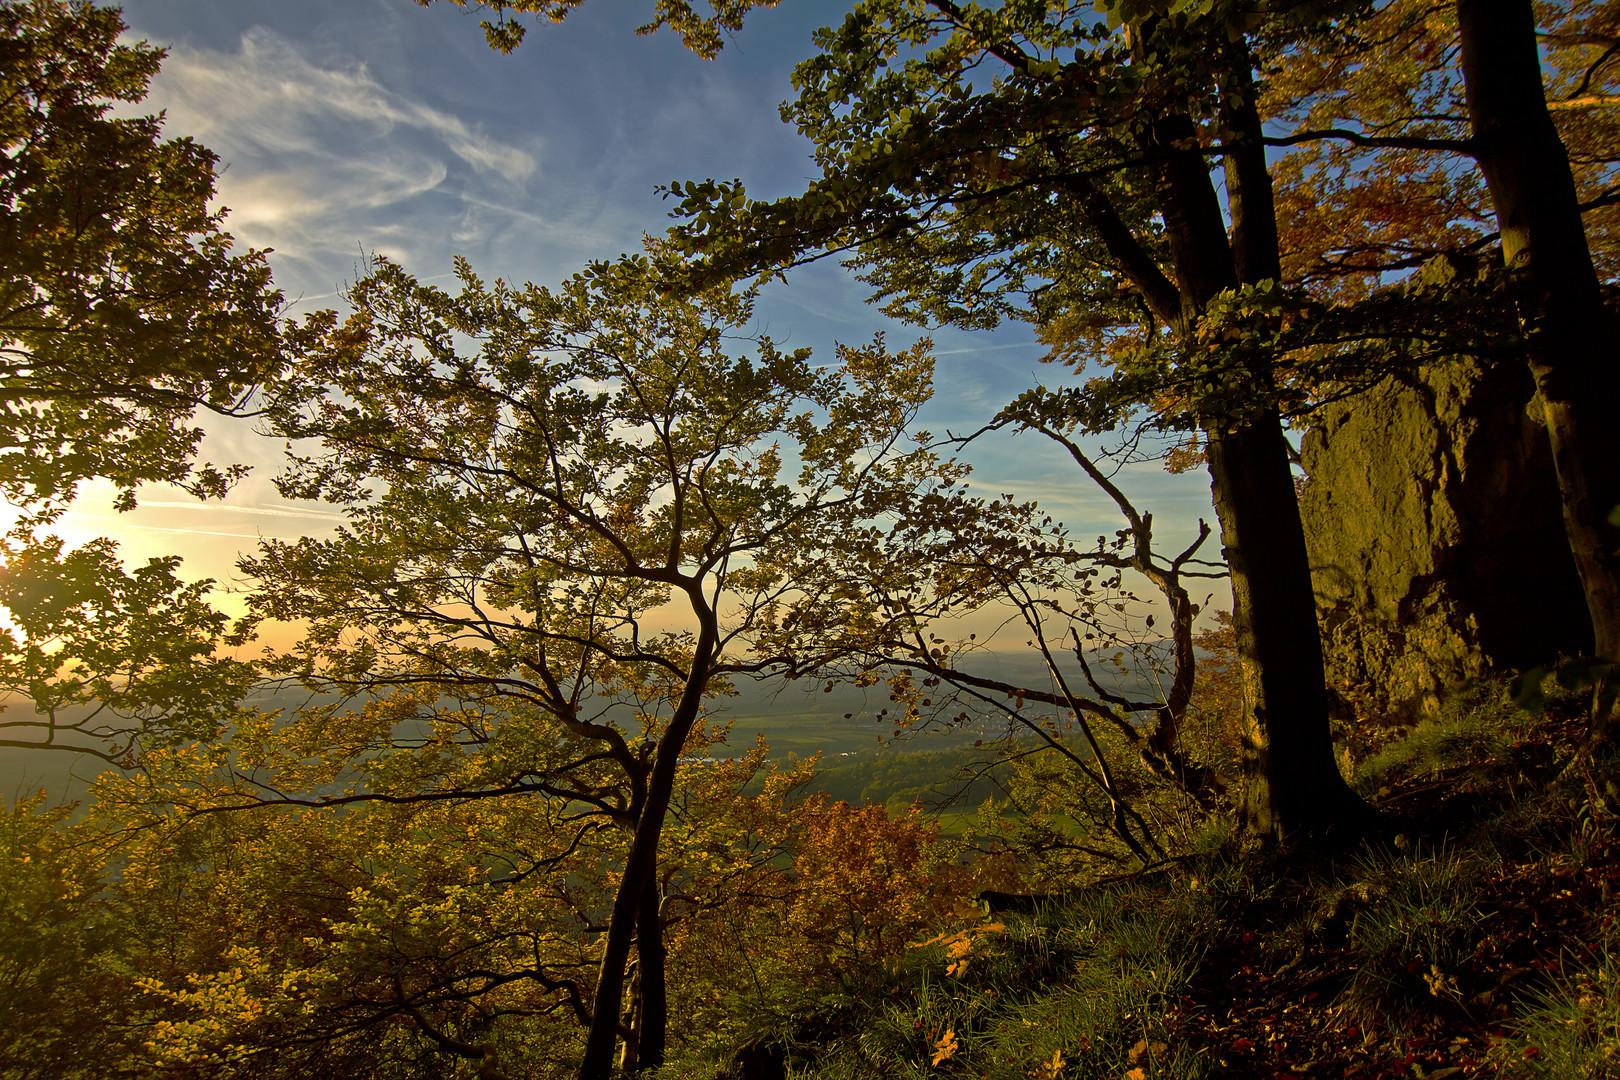 Waldrand an der Klippe im Herbst